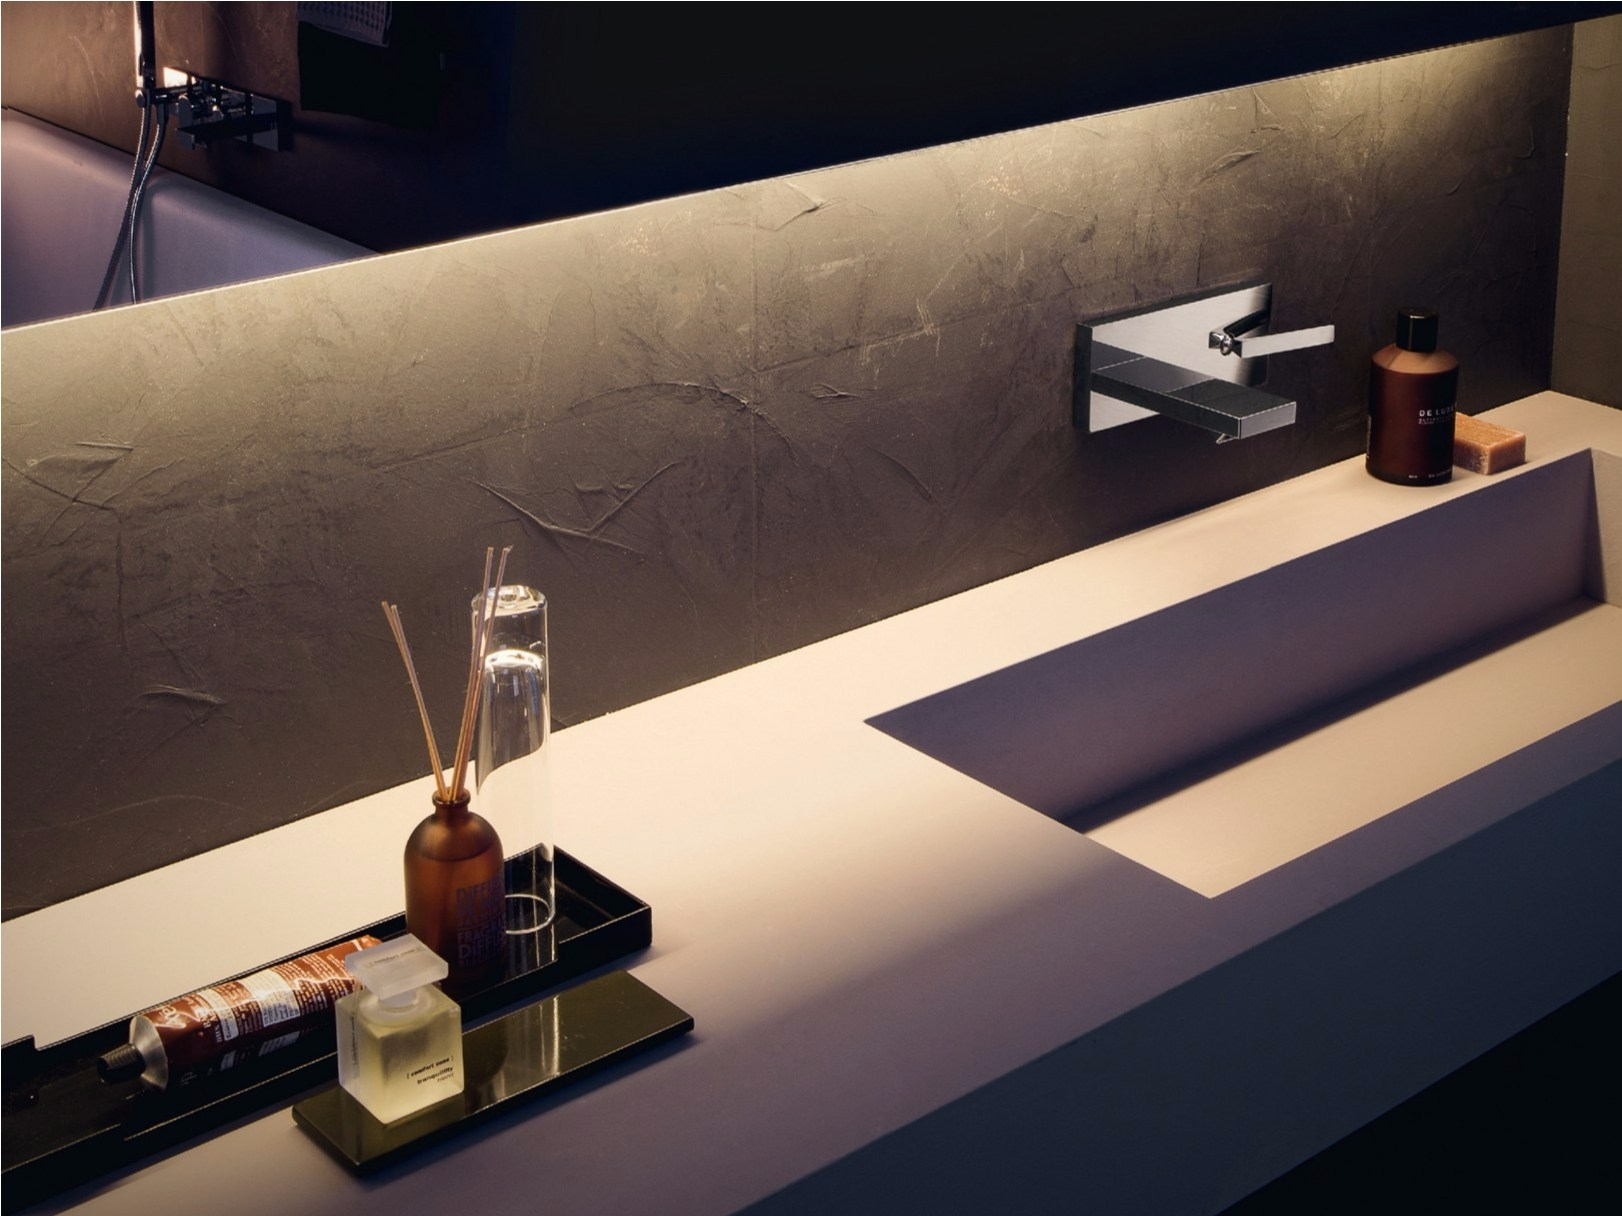 Ideas, zucchetti wall mounted faucets zucchetti wall mounted faucets him wall mounted washbasin mixer zucchetti design 1622 x 1216  .